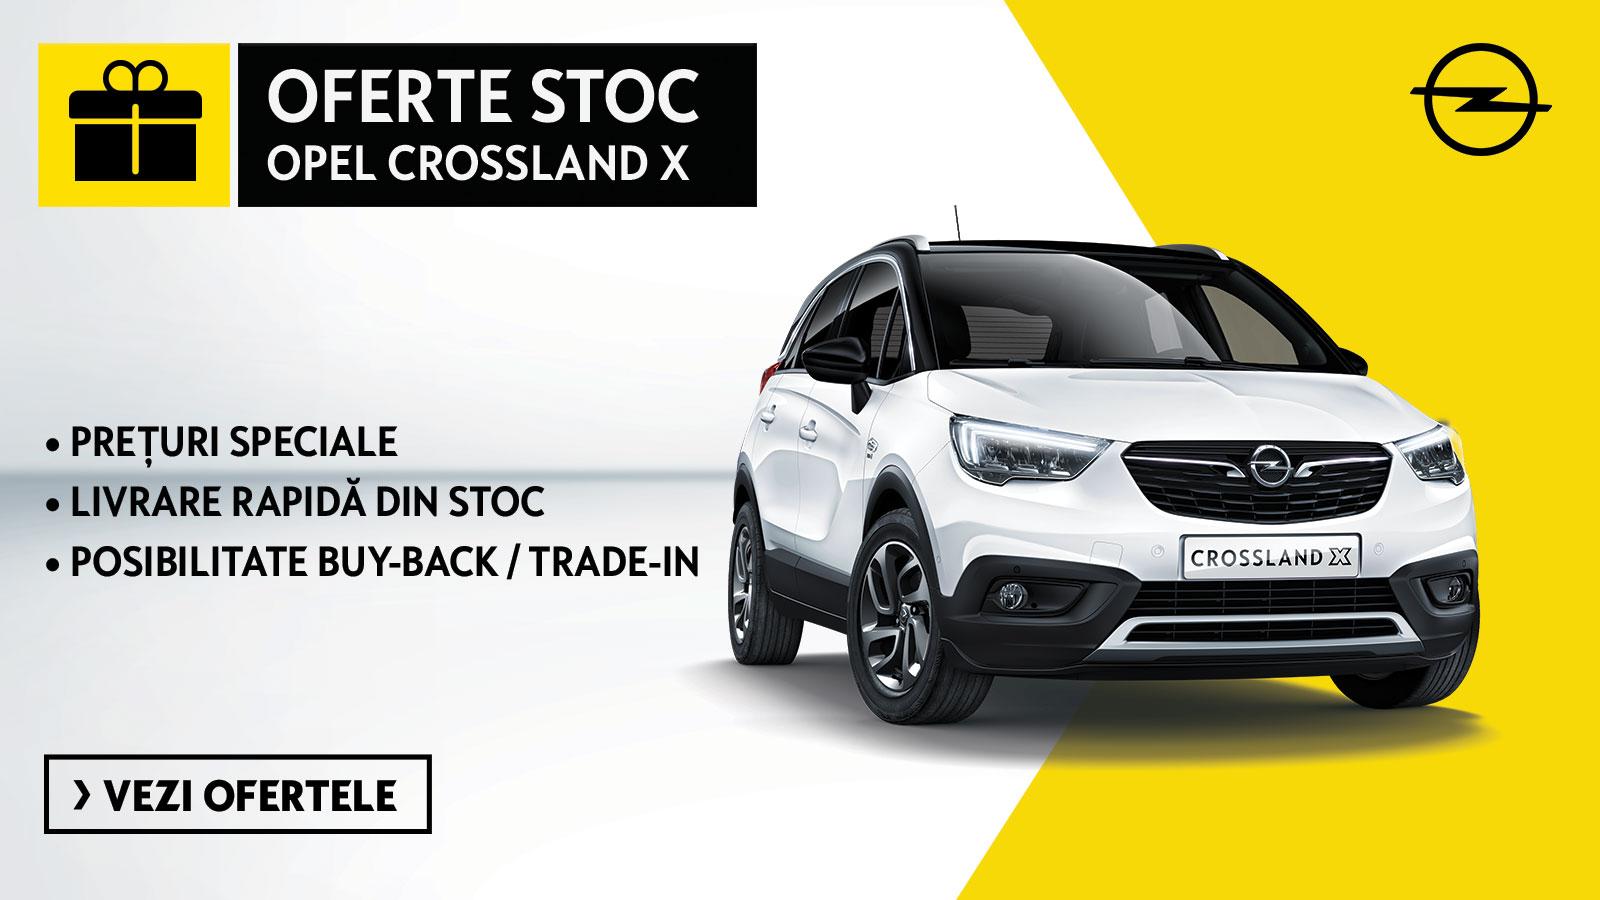 Oferte stoc Opel Crossland X